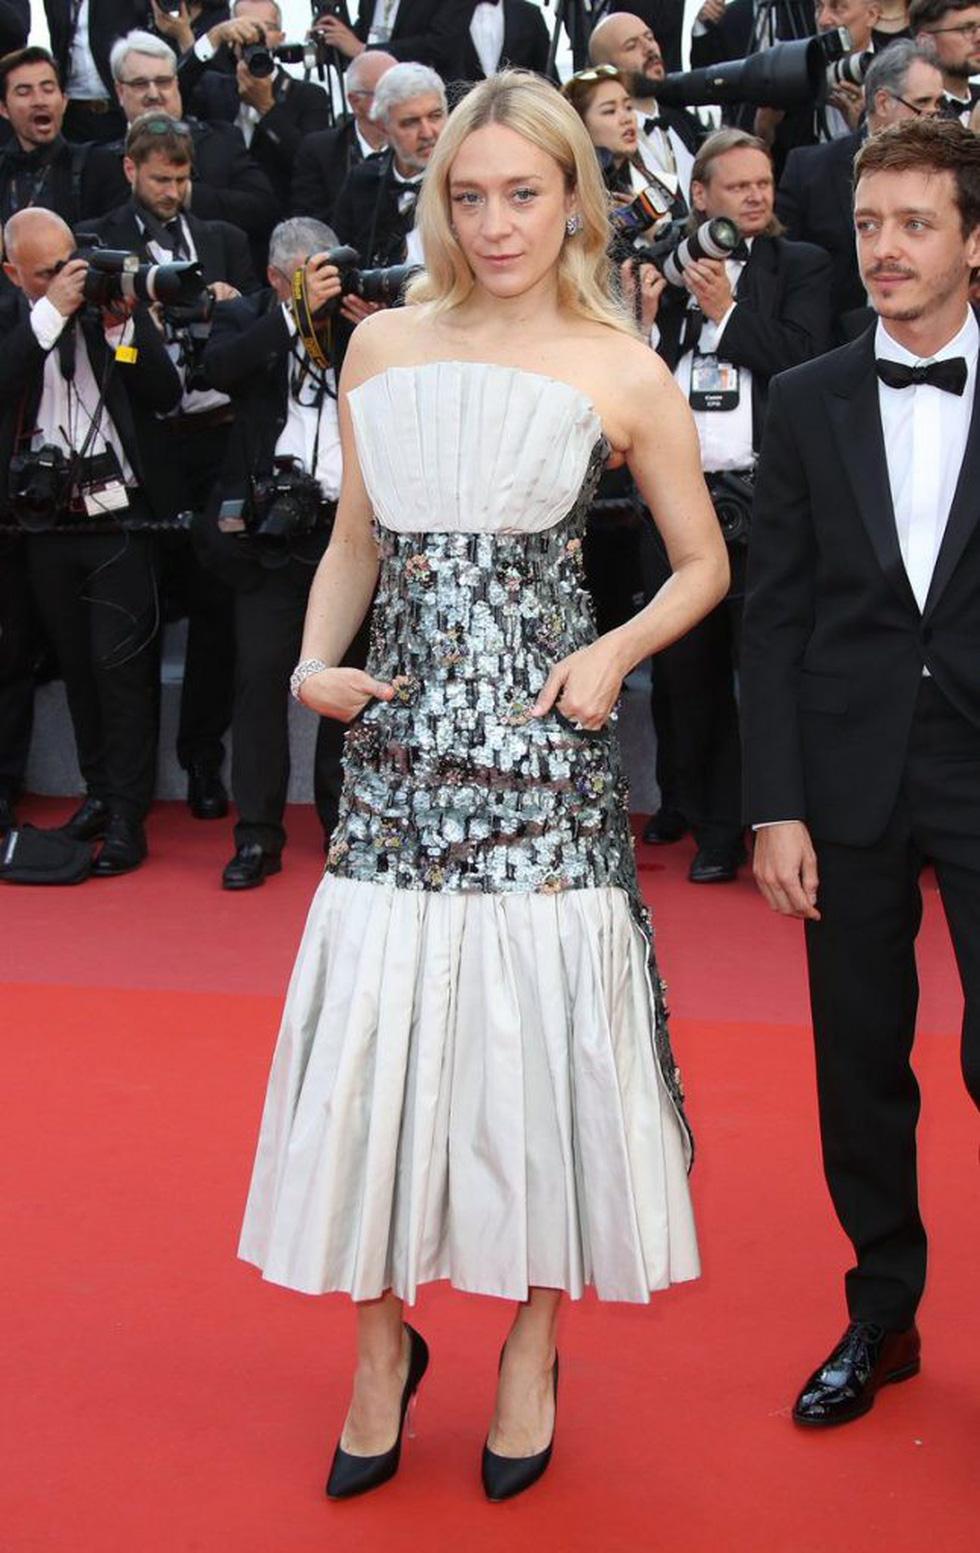 Cate Blanchett mặc đồ cũ, dàn sao nữ lộng lẫy trên thảm đỏ Cannes - Ảnh 9.